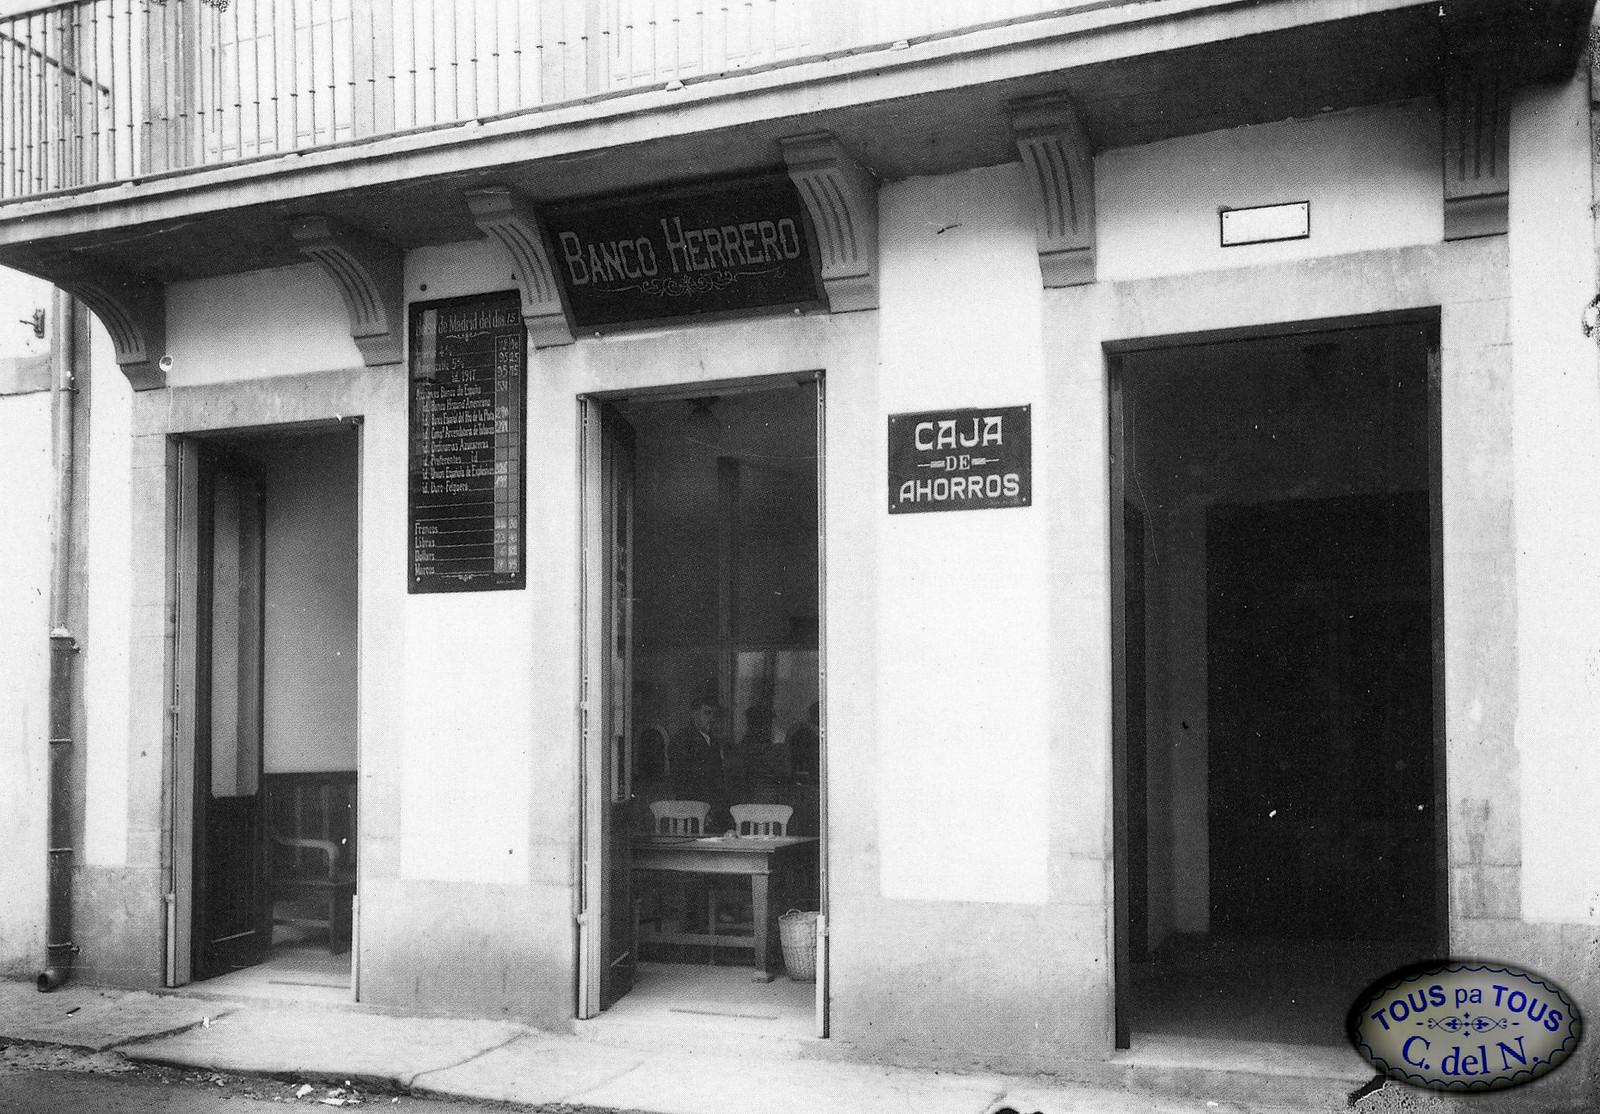 1917 - Banco Herrero